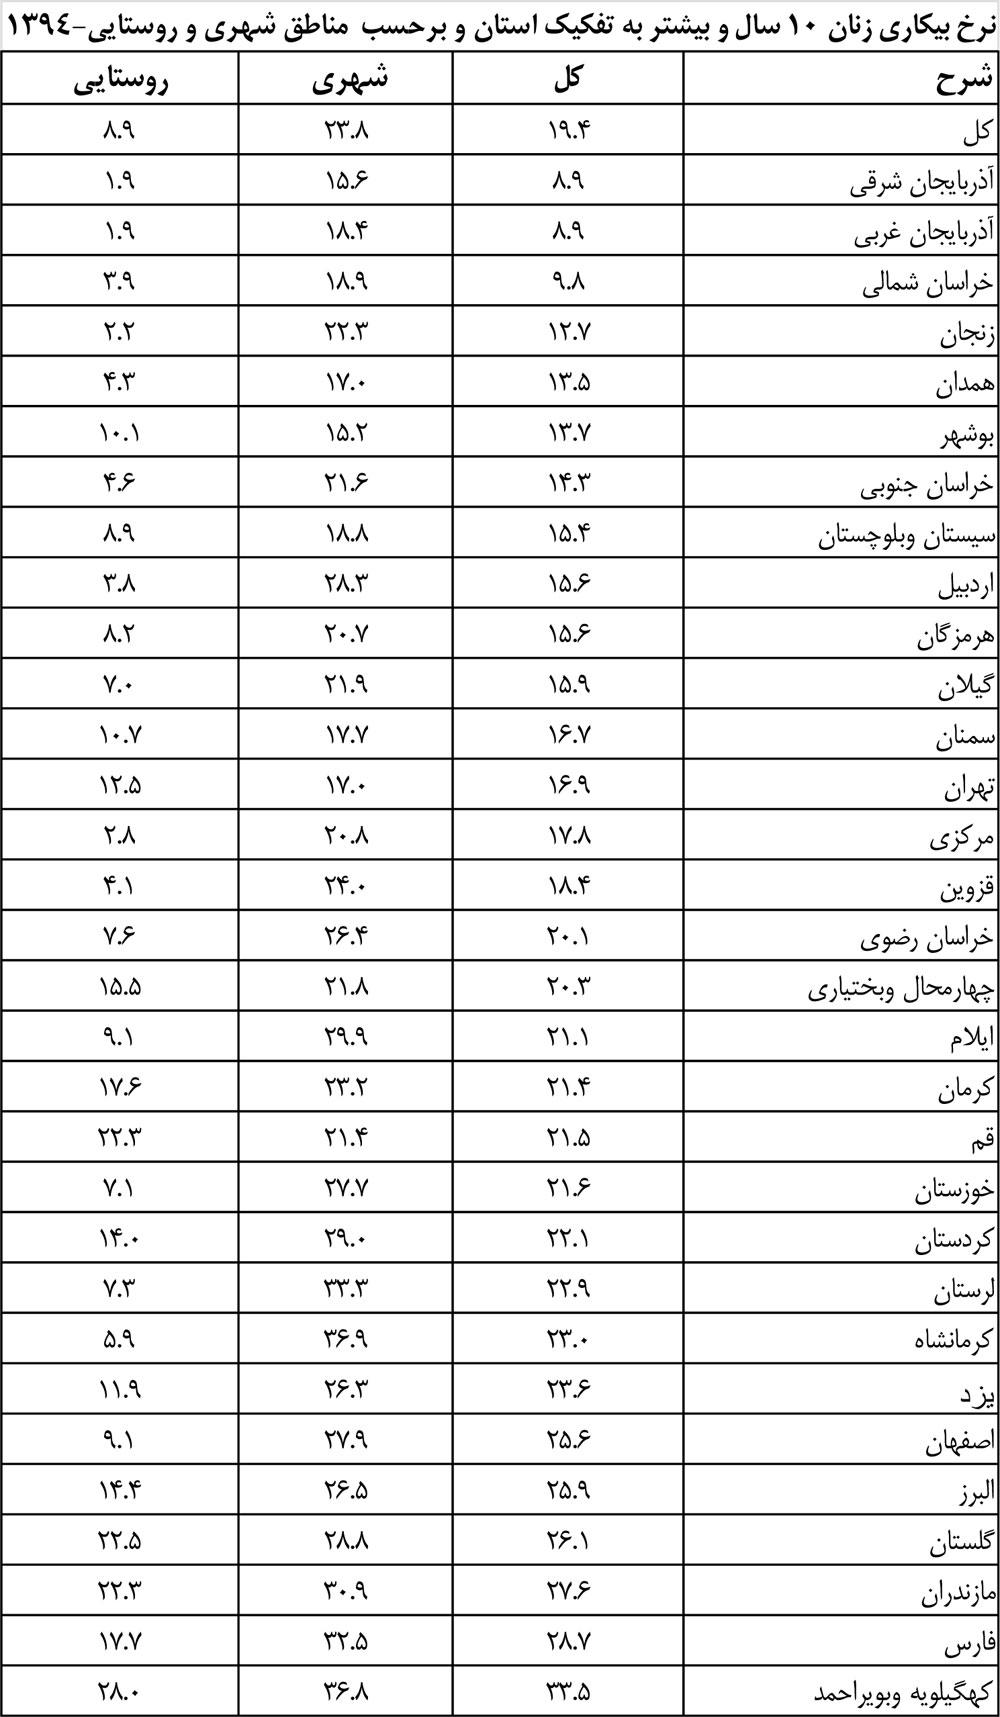 نرخ-بیکاری-زنان-در-استان-های-کشور